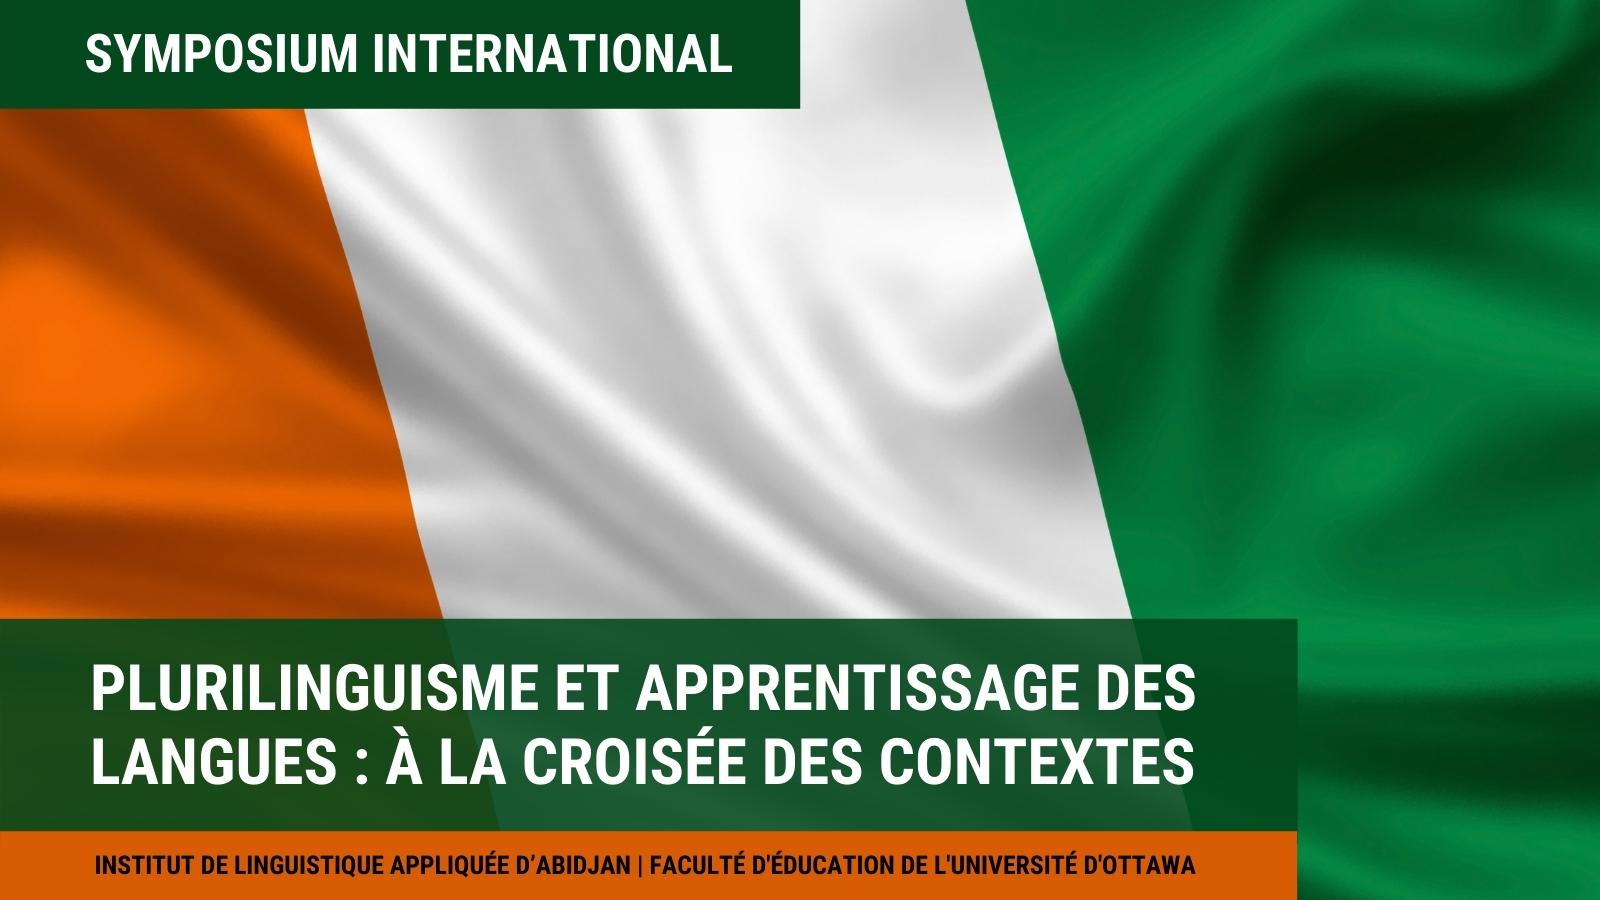 Plurilinguisme et apprentissage des langues, drapeau côte d'ivoire